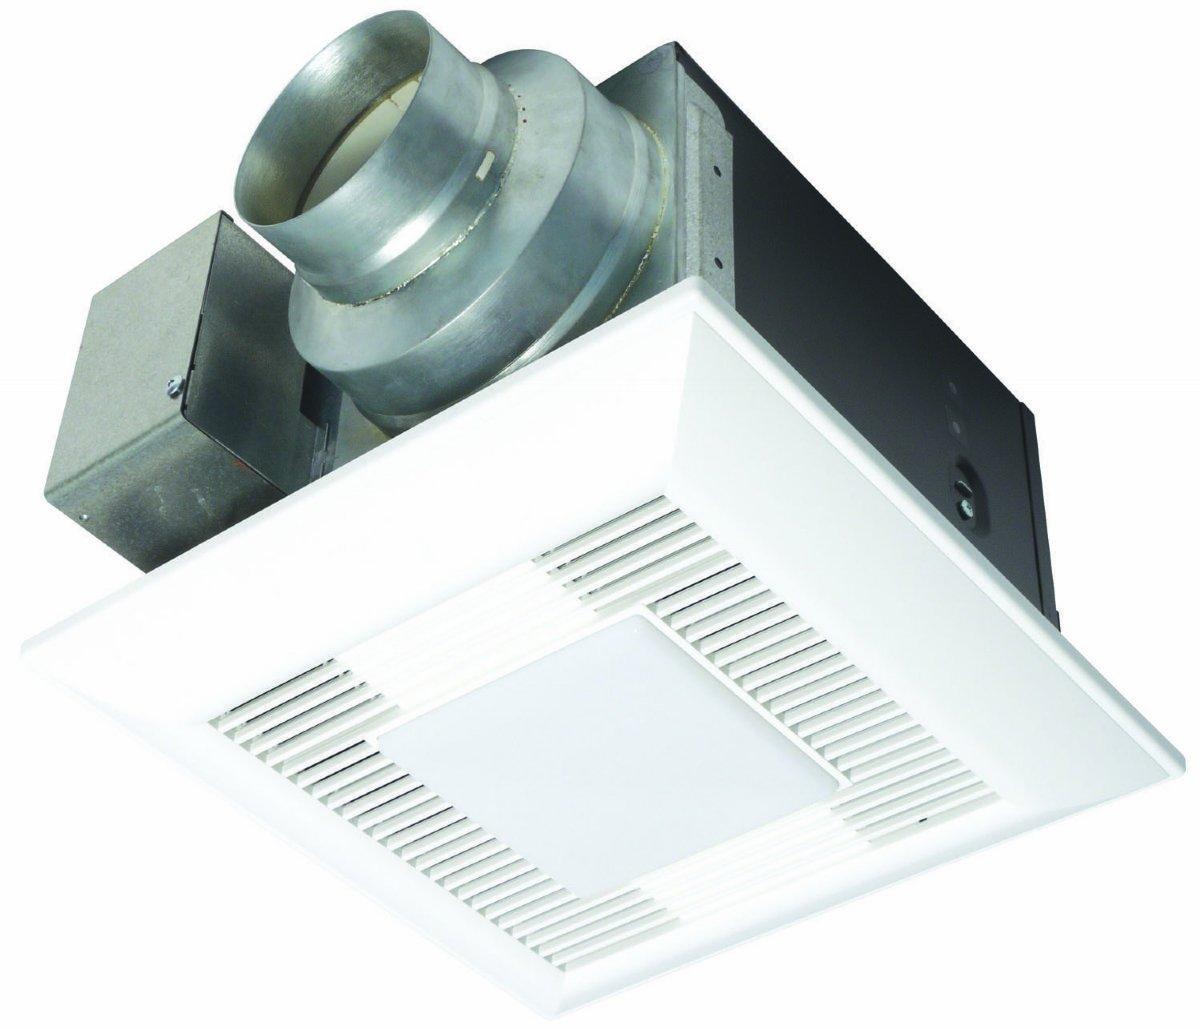 Panasonic Fv 11vkl3 Whispergreen Lite 110 Cfm Ventilation Fan Built In Household Fans Com